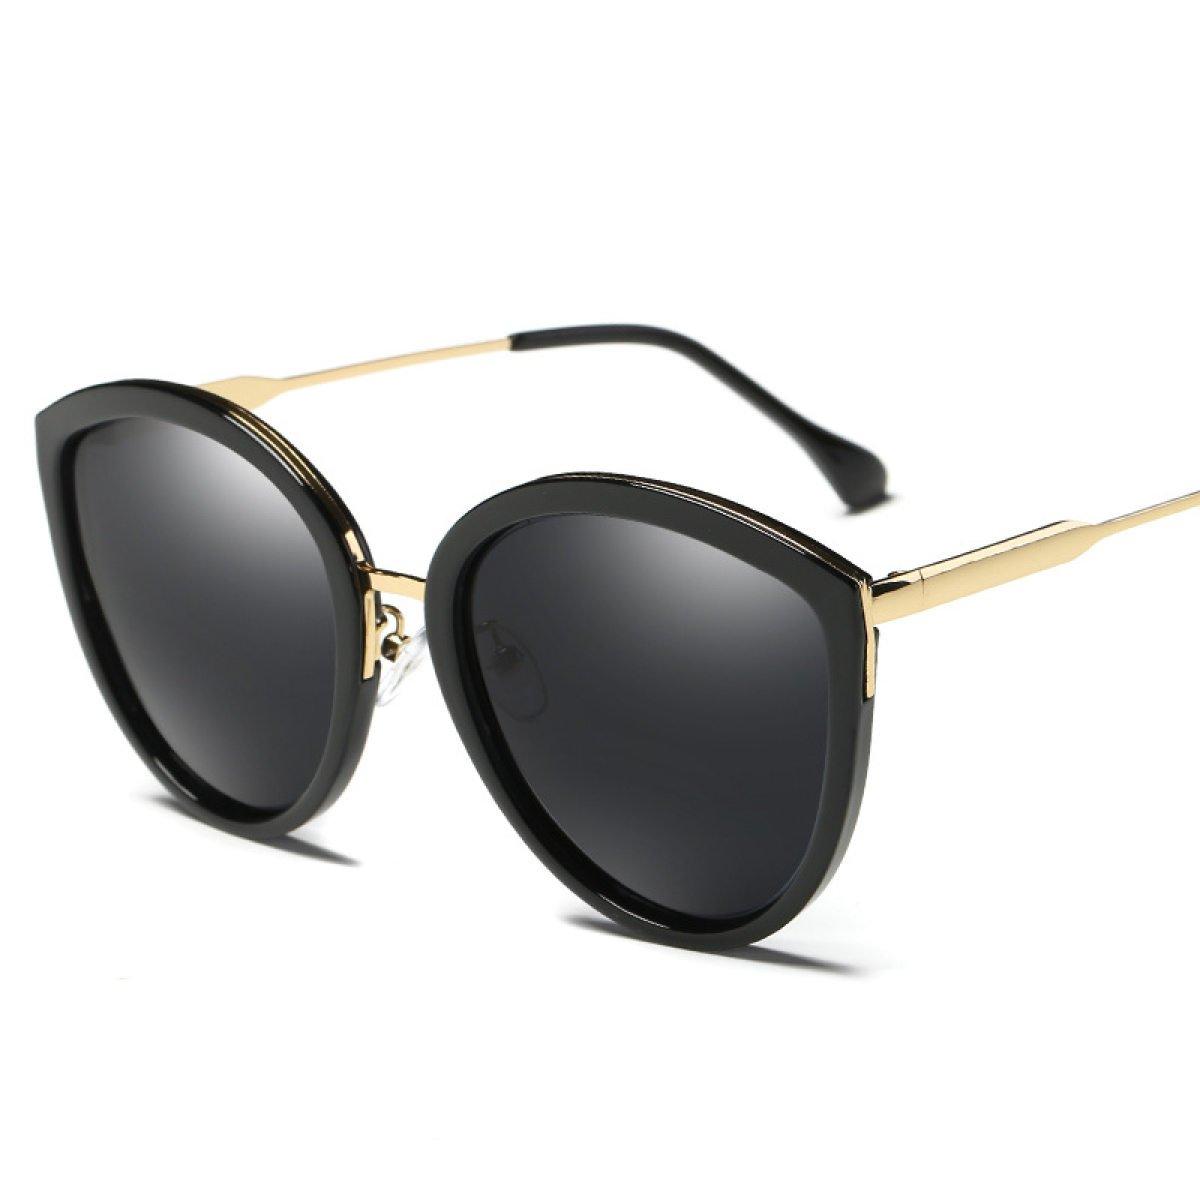 WKAIJC Mode Damen Polarisiertes Licht Kreisförmig Persönlichkeit Bequem Kreativ Schöne Sonnenbrillen Mode Sonnenbrillen,D